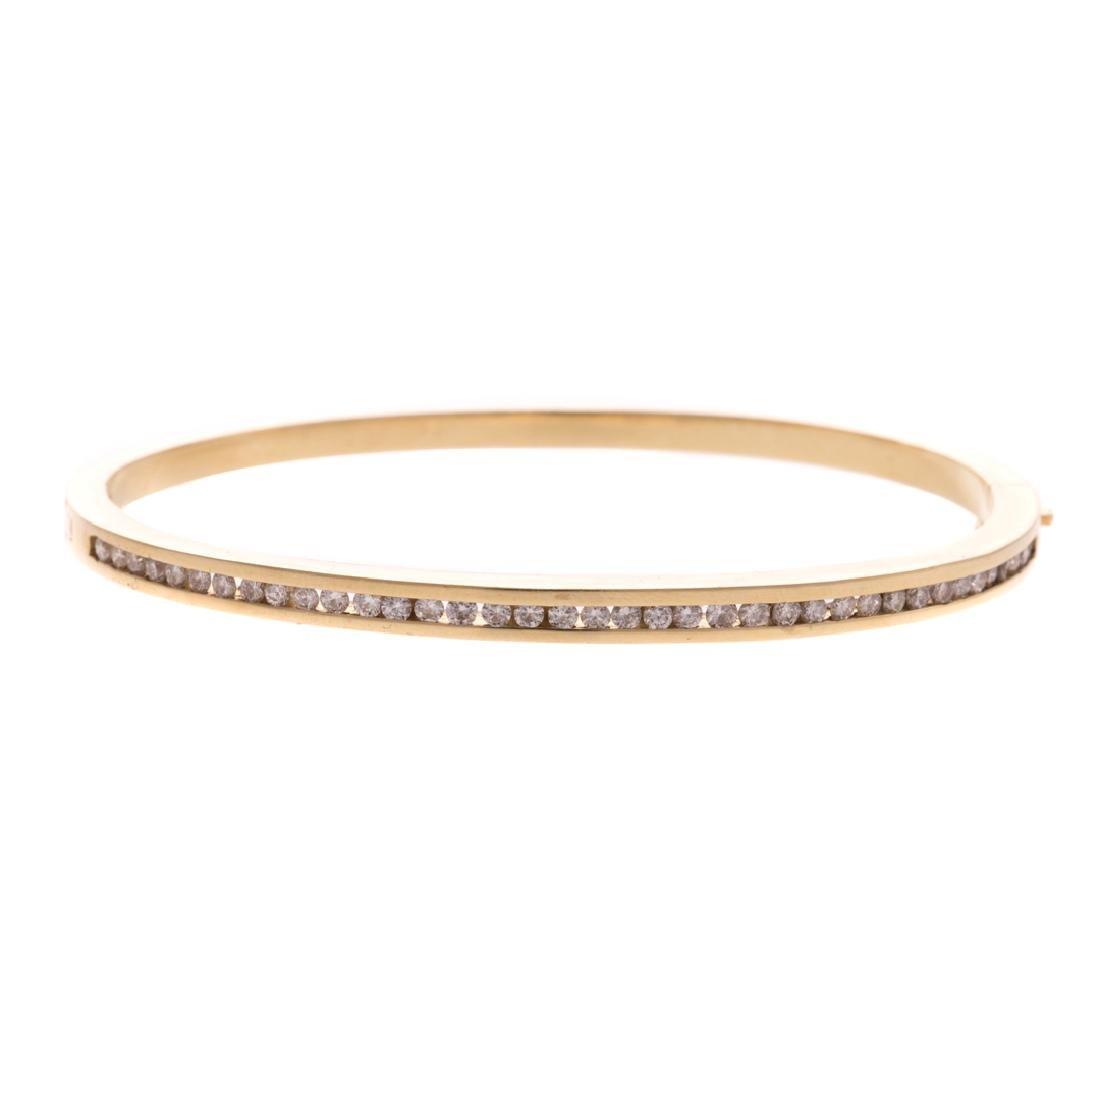 A Lady's Diamond Bangle Bracelet in 14K Gold